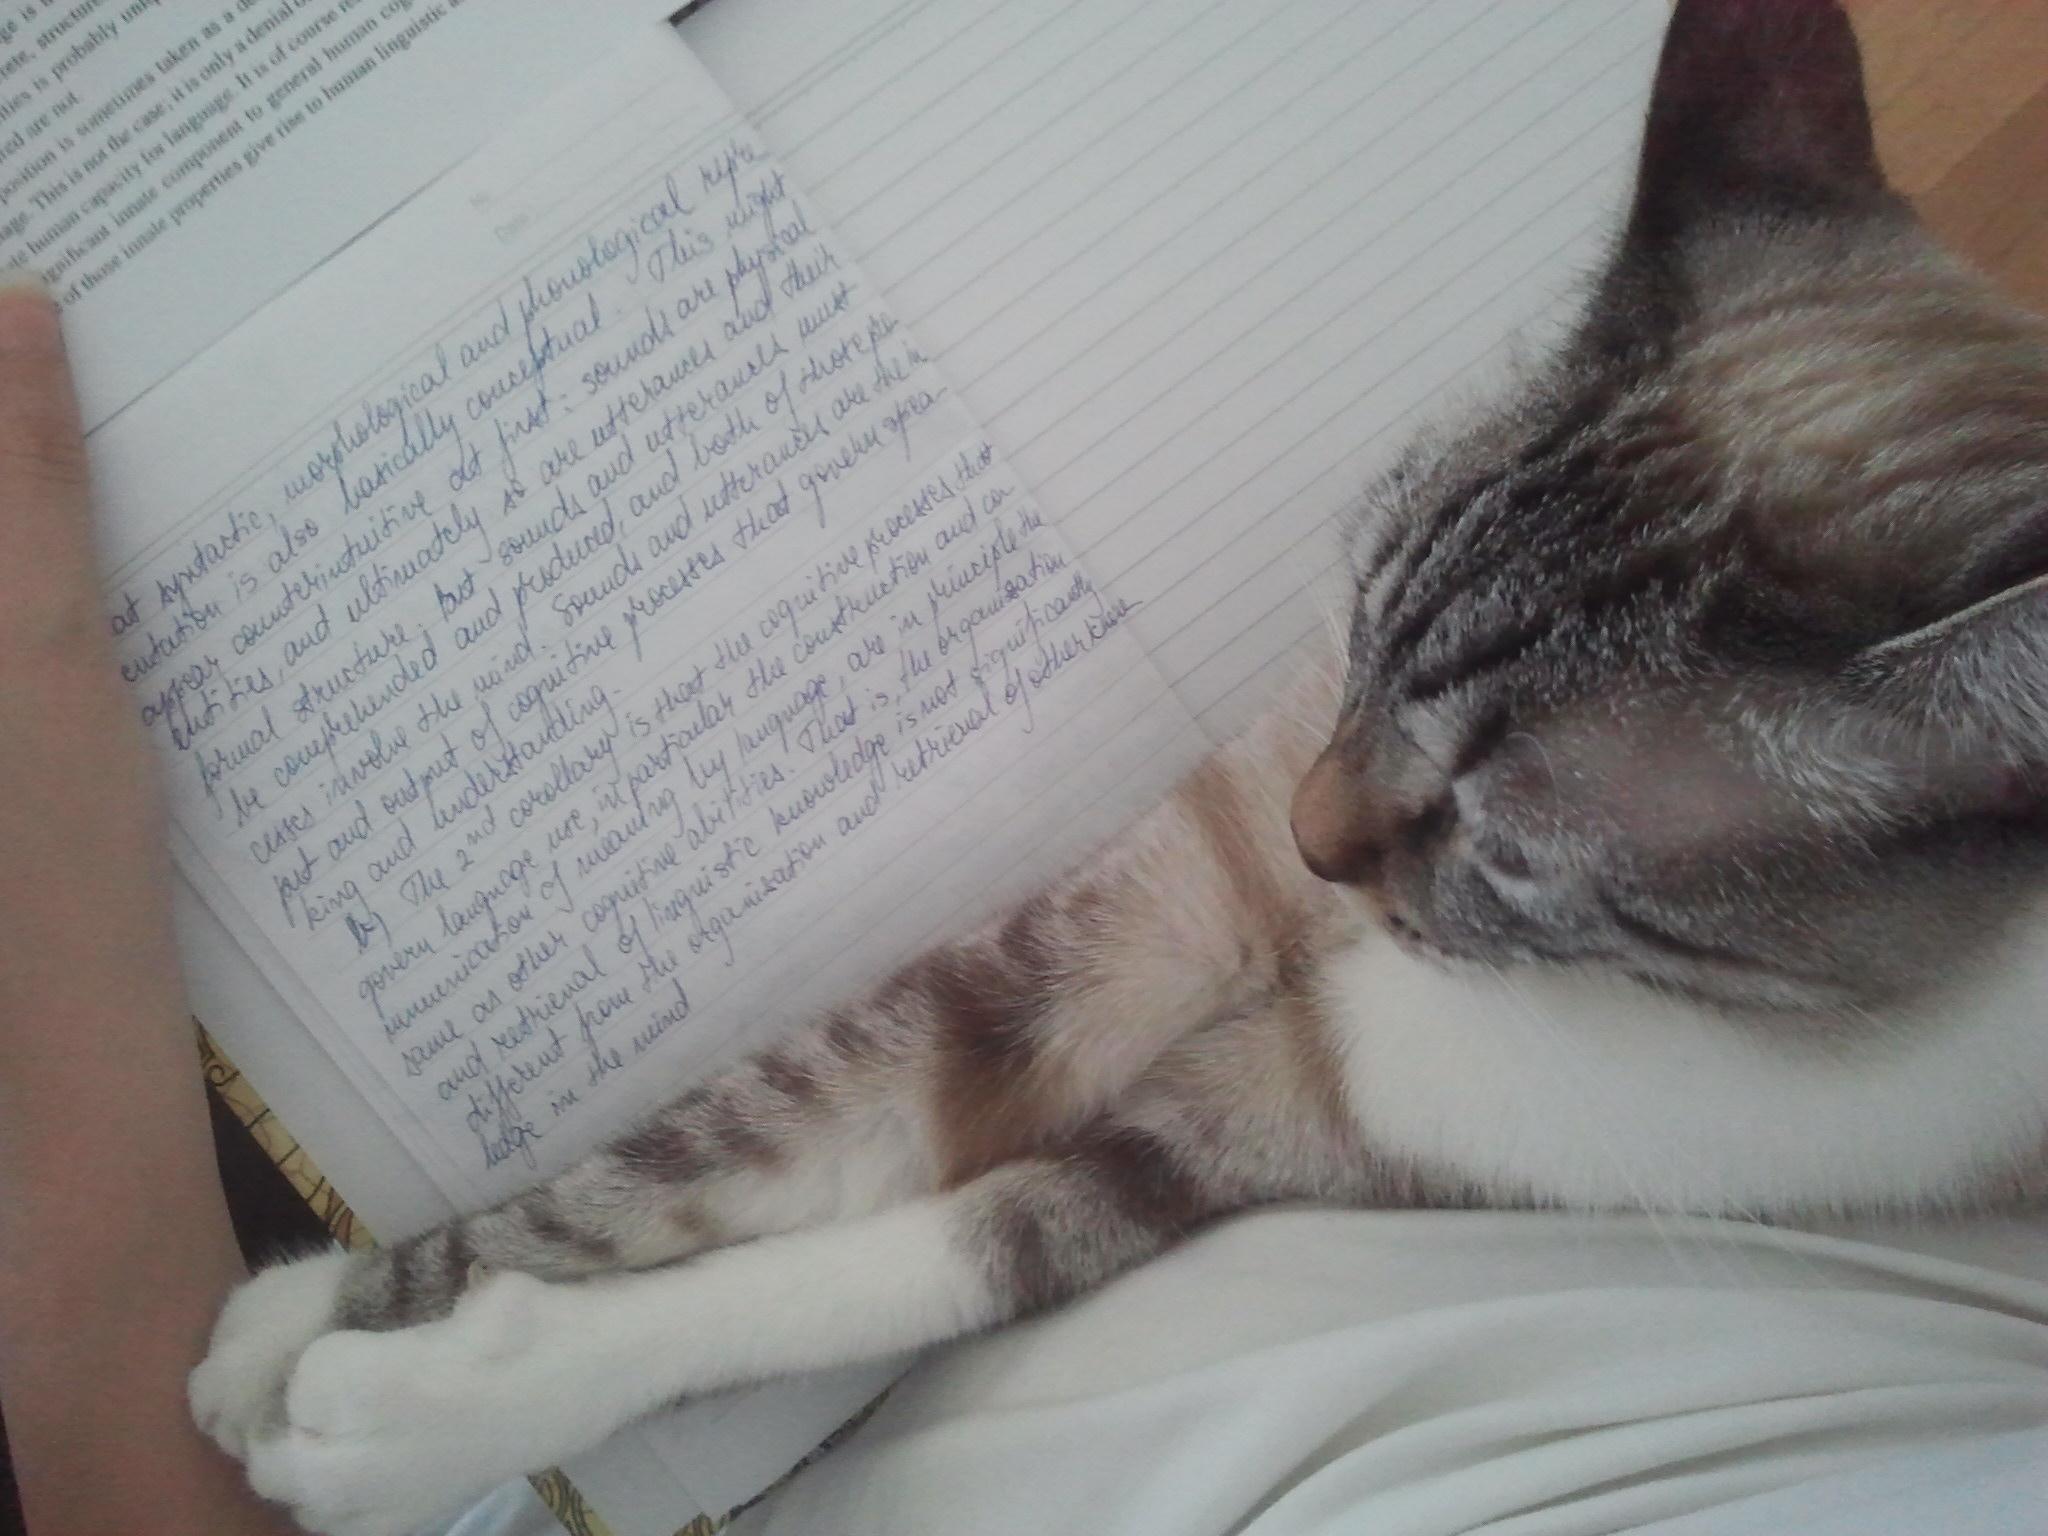 Și așa studiez. :)